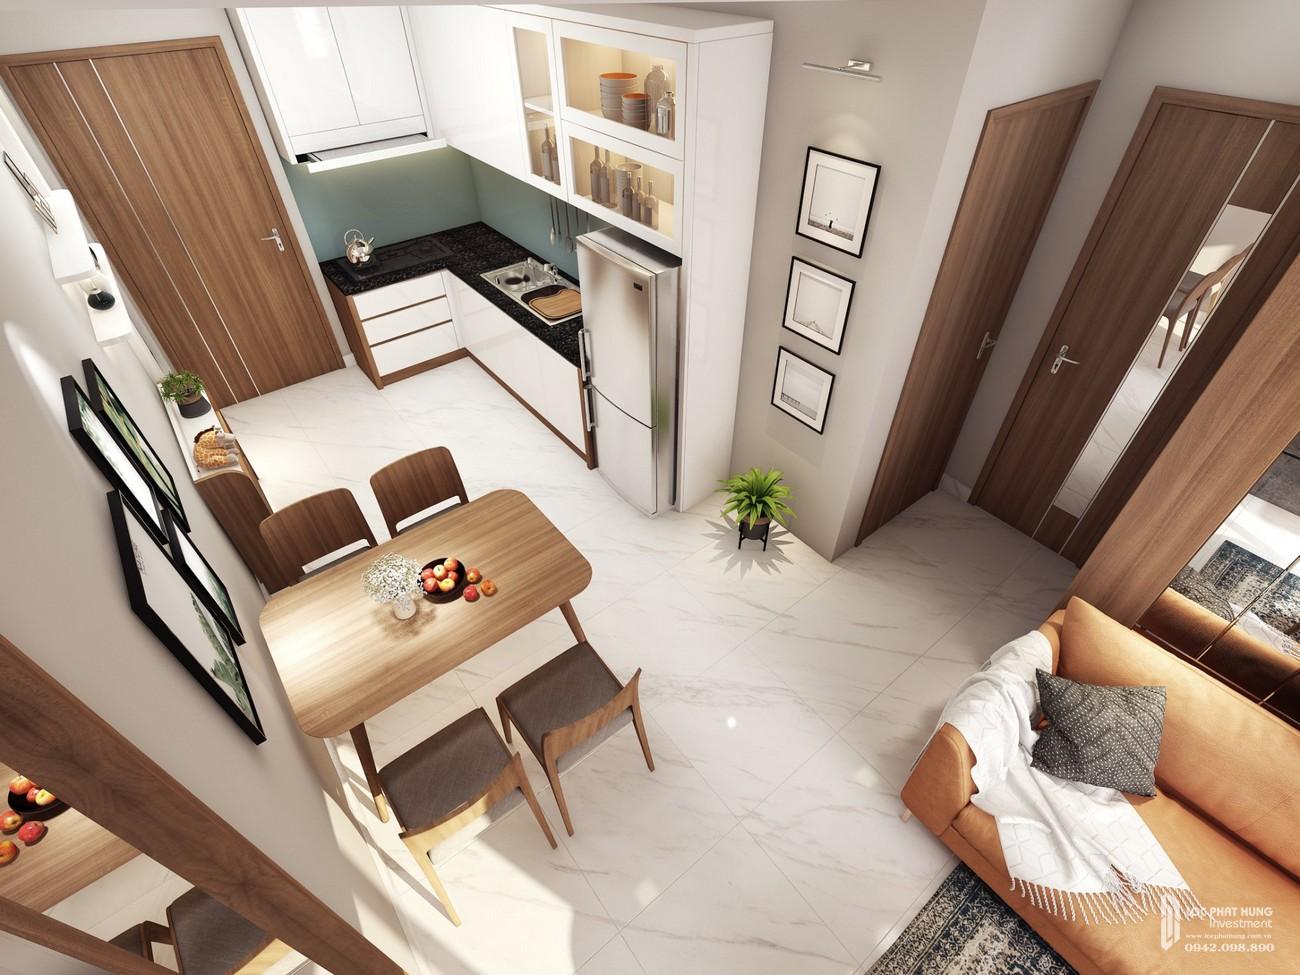 Nhà mẫu dự án căn hộ chung cư The Seasons Apartment Thuận An Đường QL13 chủ đầu tư An Huy Construction